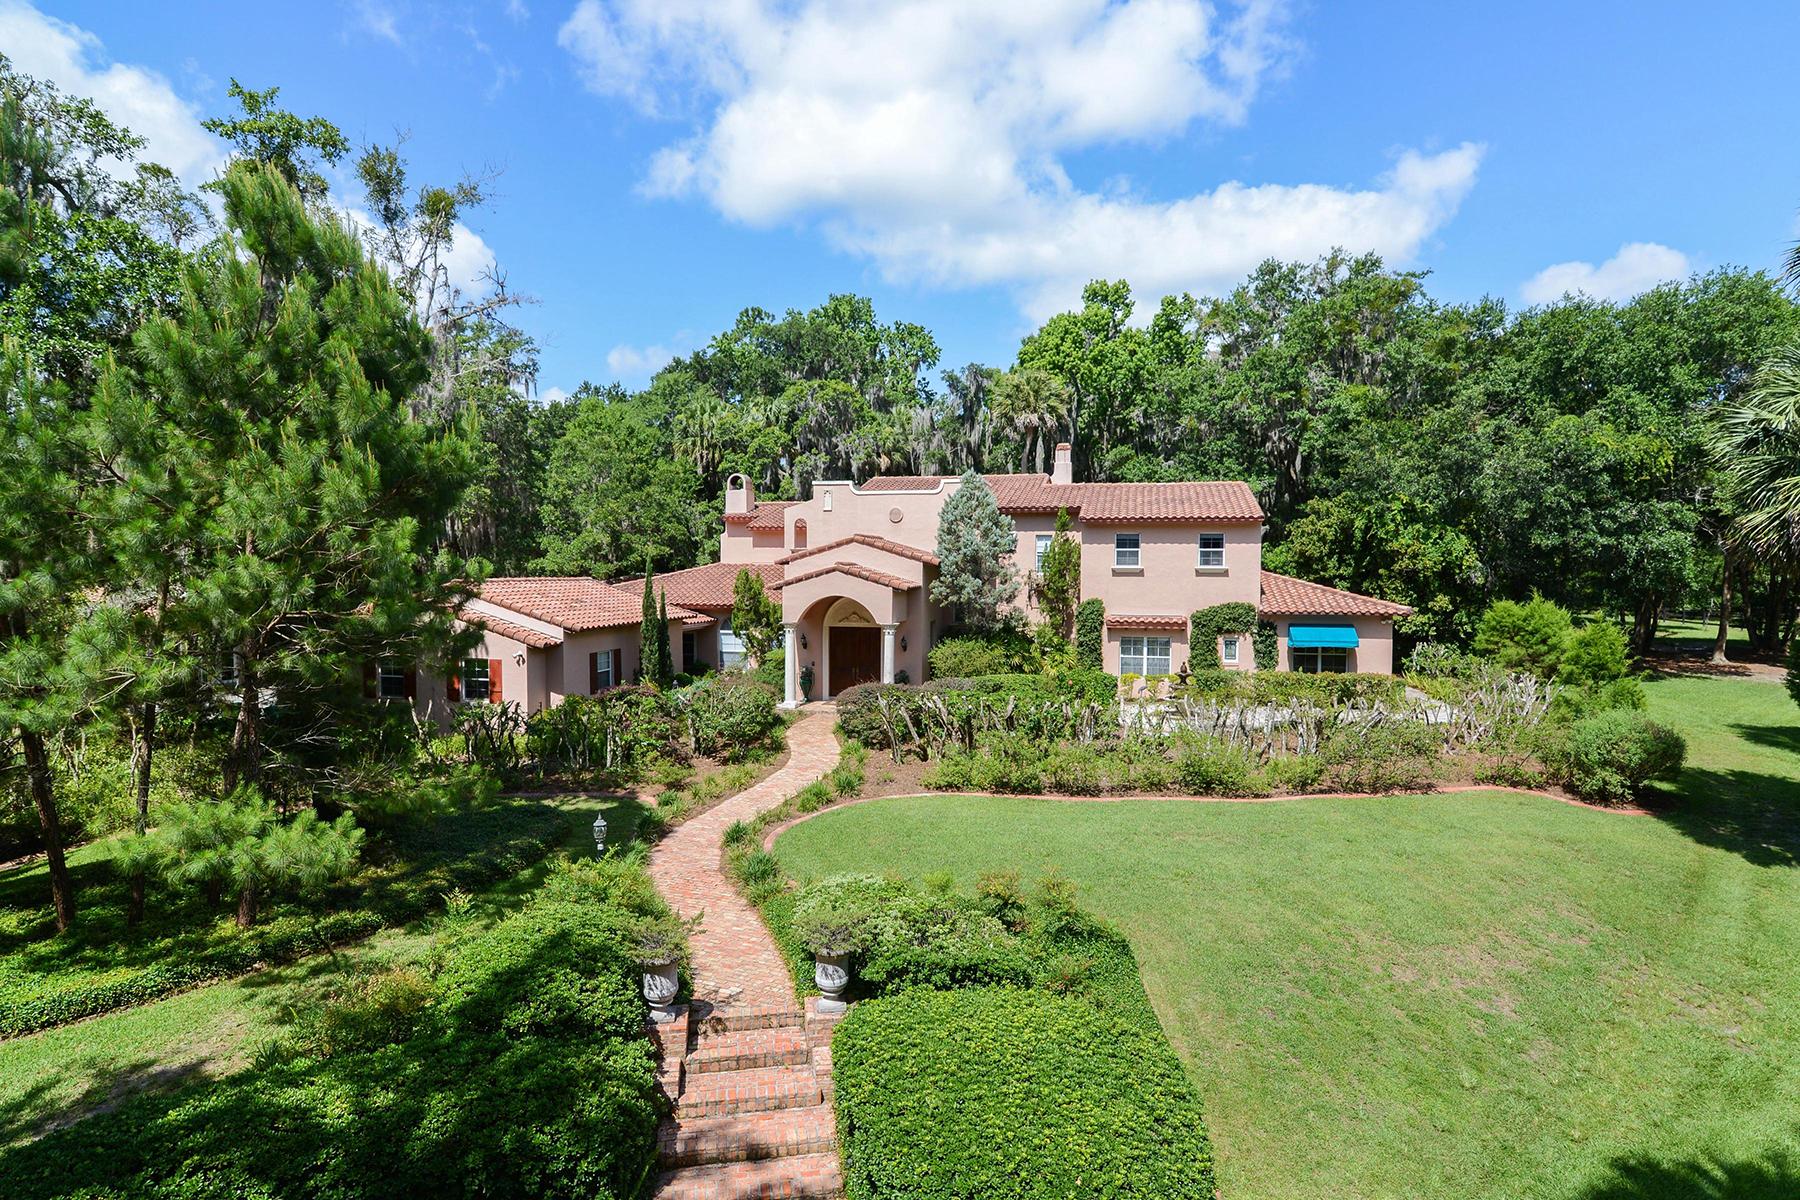 단독 가정 주택 용 매매 에 OCALA - FLORDIA 4200 7th Avenue Rd Ocala, 플로리다, 34471 미국